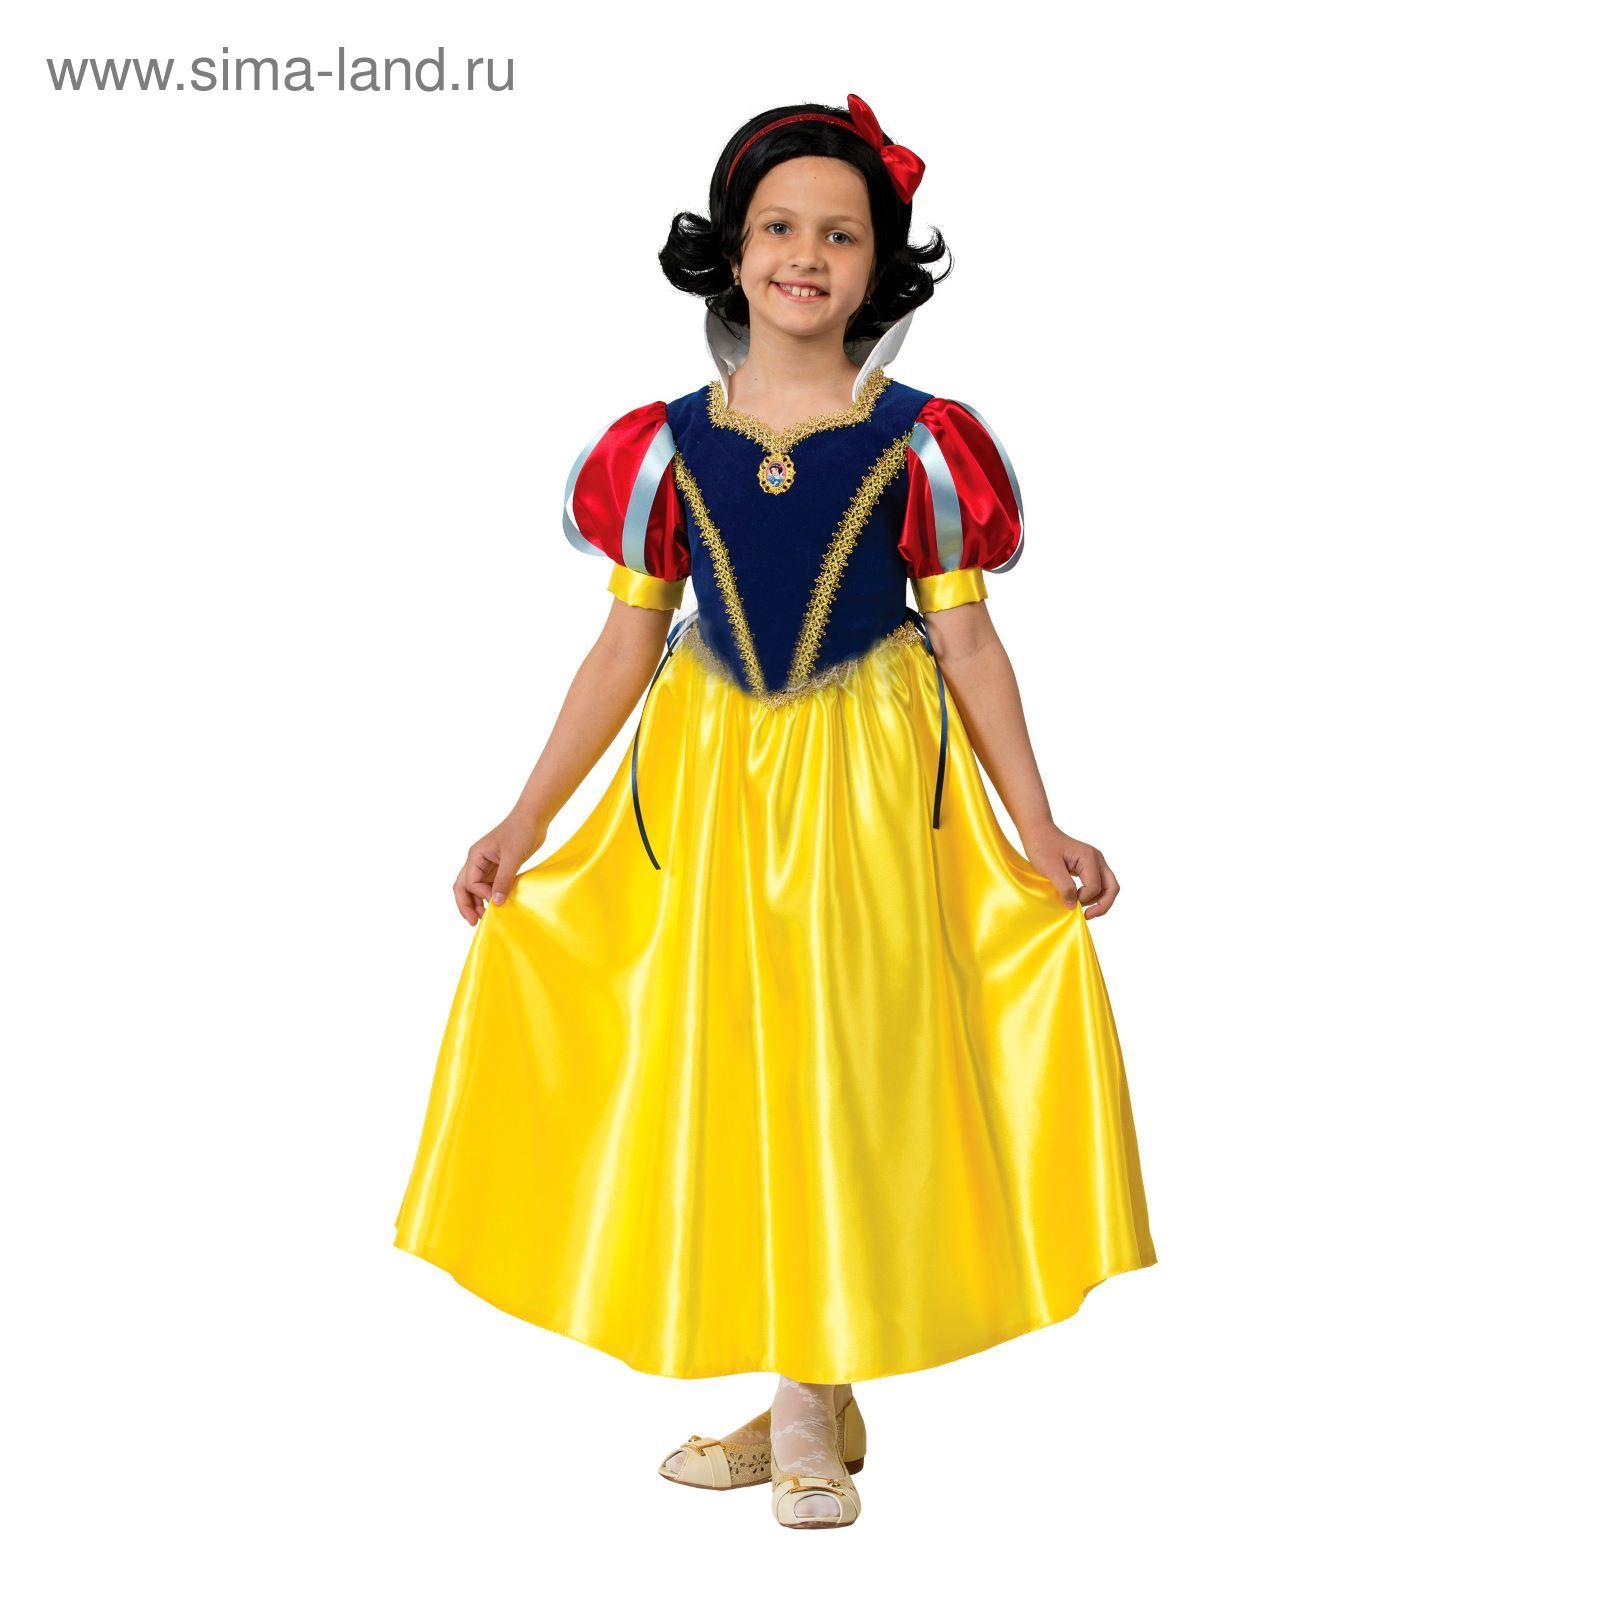 Детский карнавальный костюм «Белоснежка» cdc2e0e6e79c9